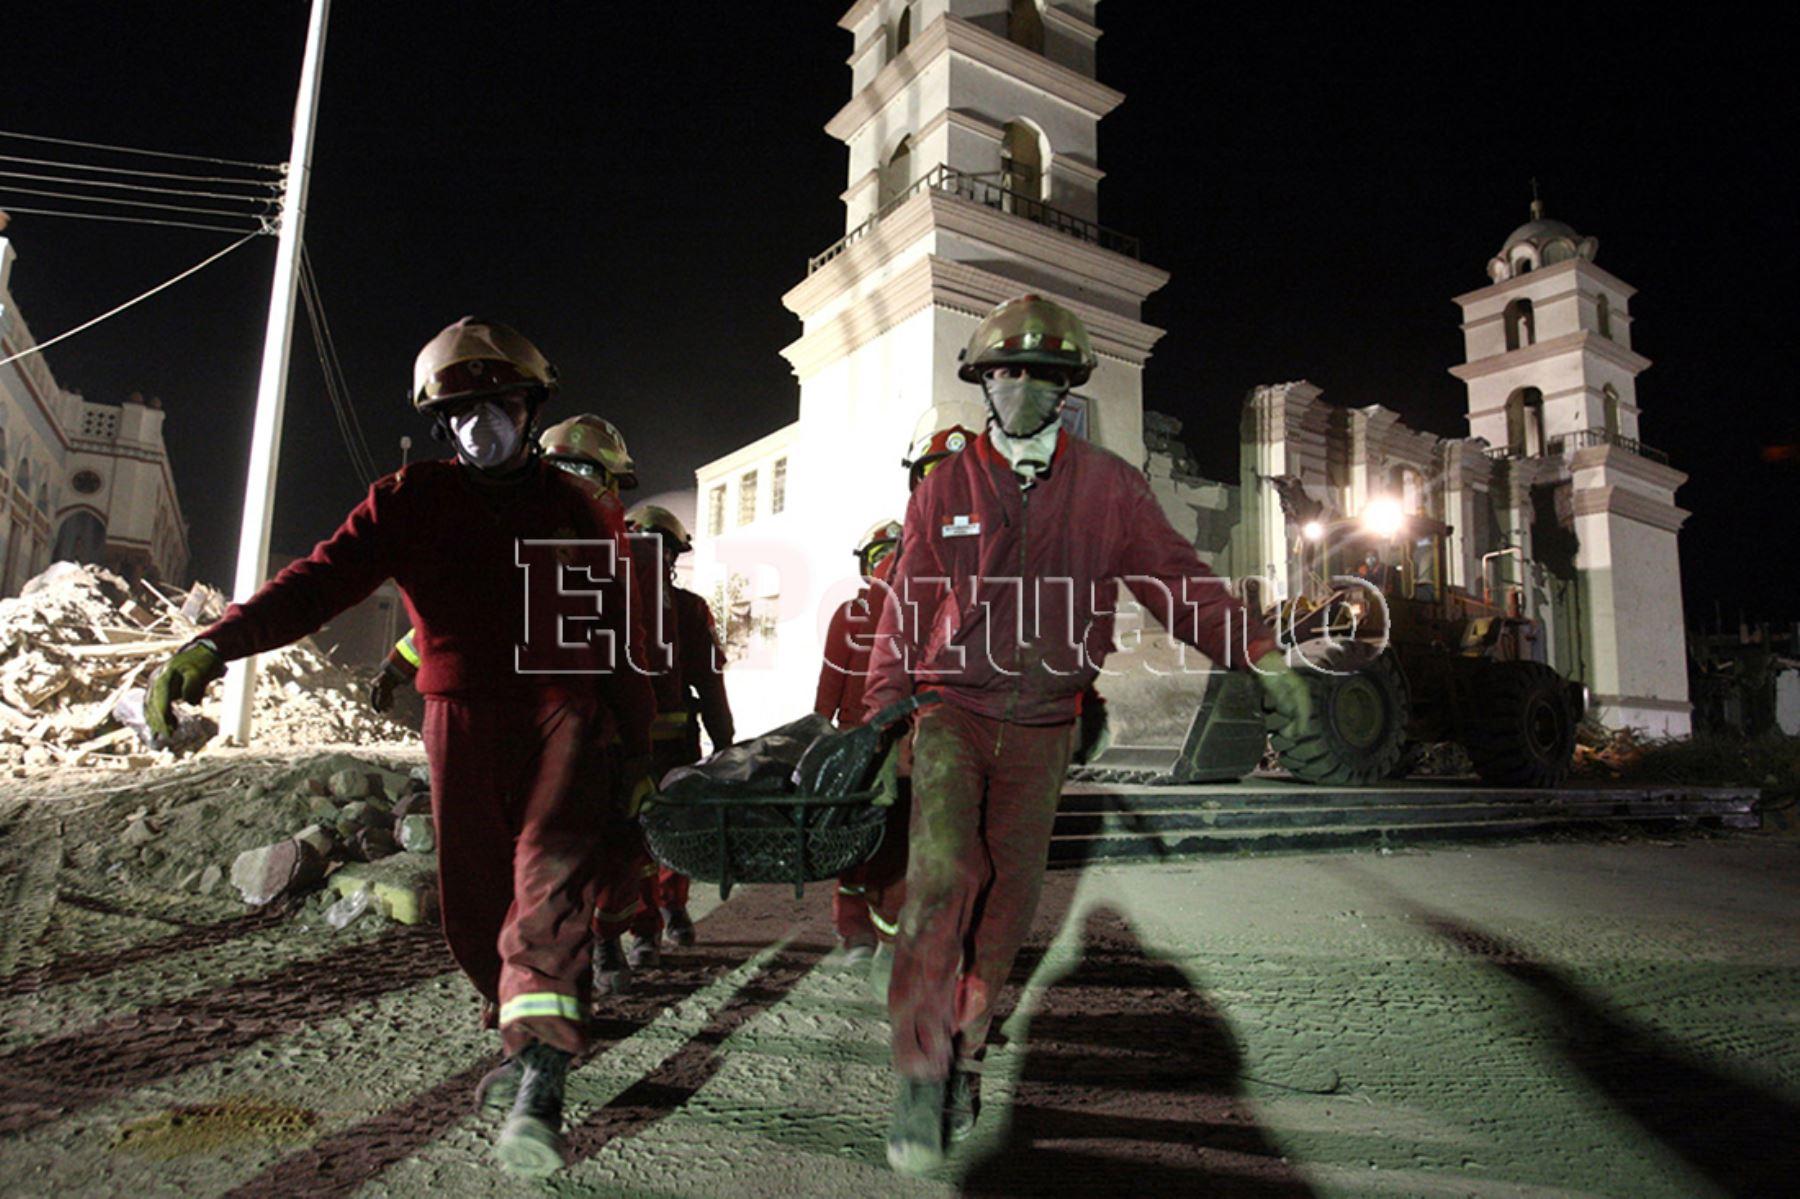 Pisco 18 agosto 2007 / Bomberos continúan con las labores de rescate de las victimas del terremoto que destruyó la iglesia de San Clemente y gran parte de la ciudad de Pisco. Foto: Diario Oficial EL PERUANO / Jack Ramón